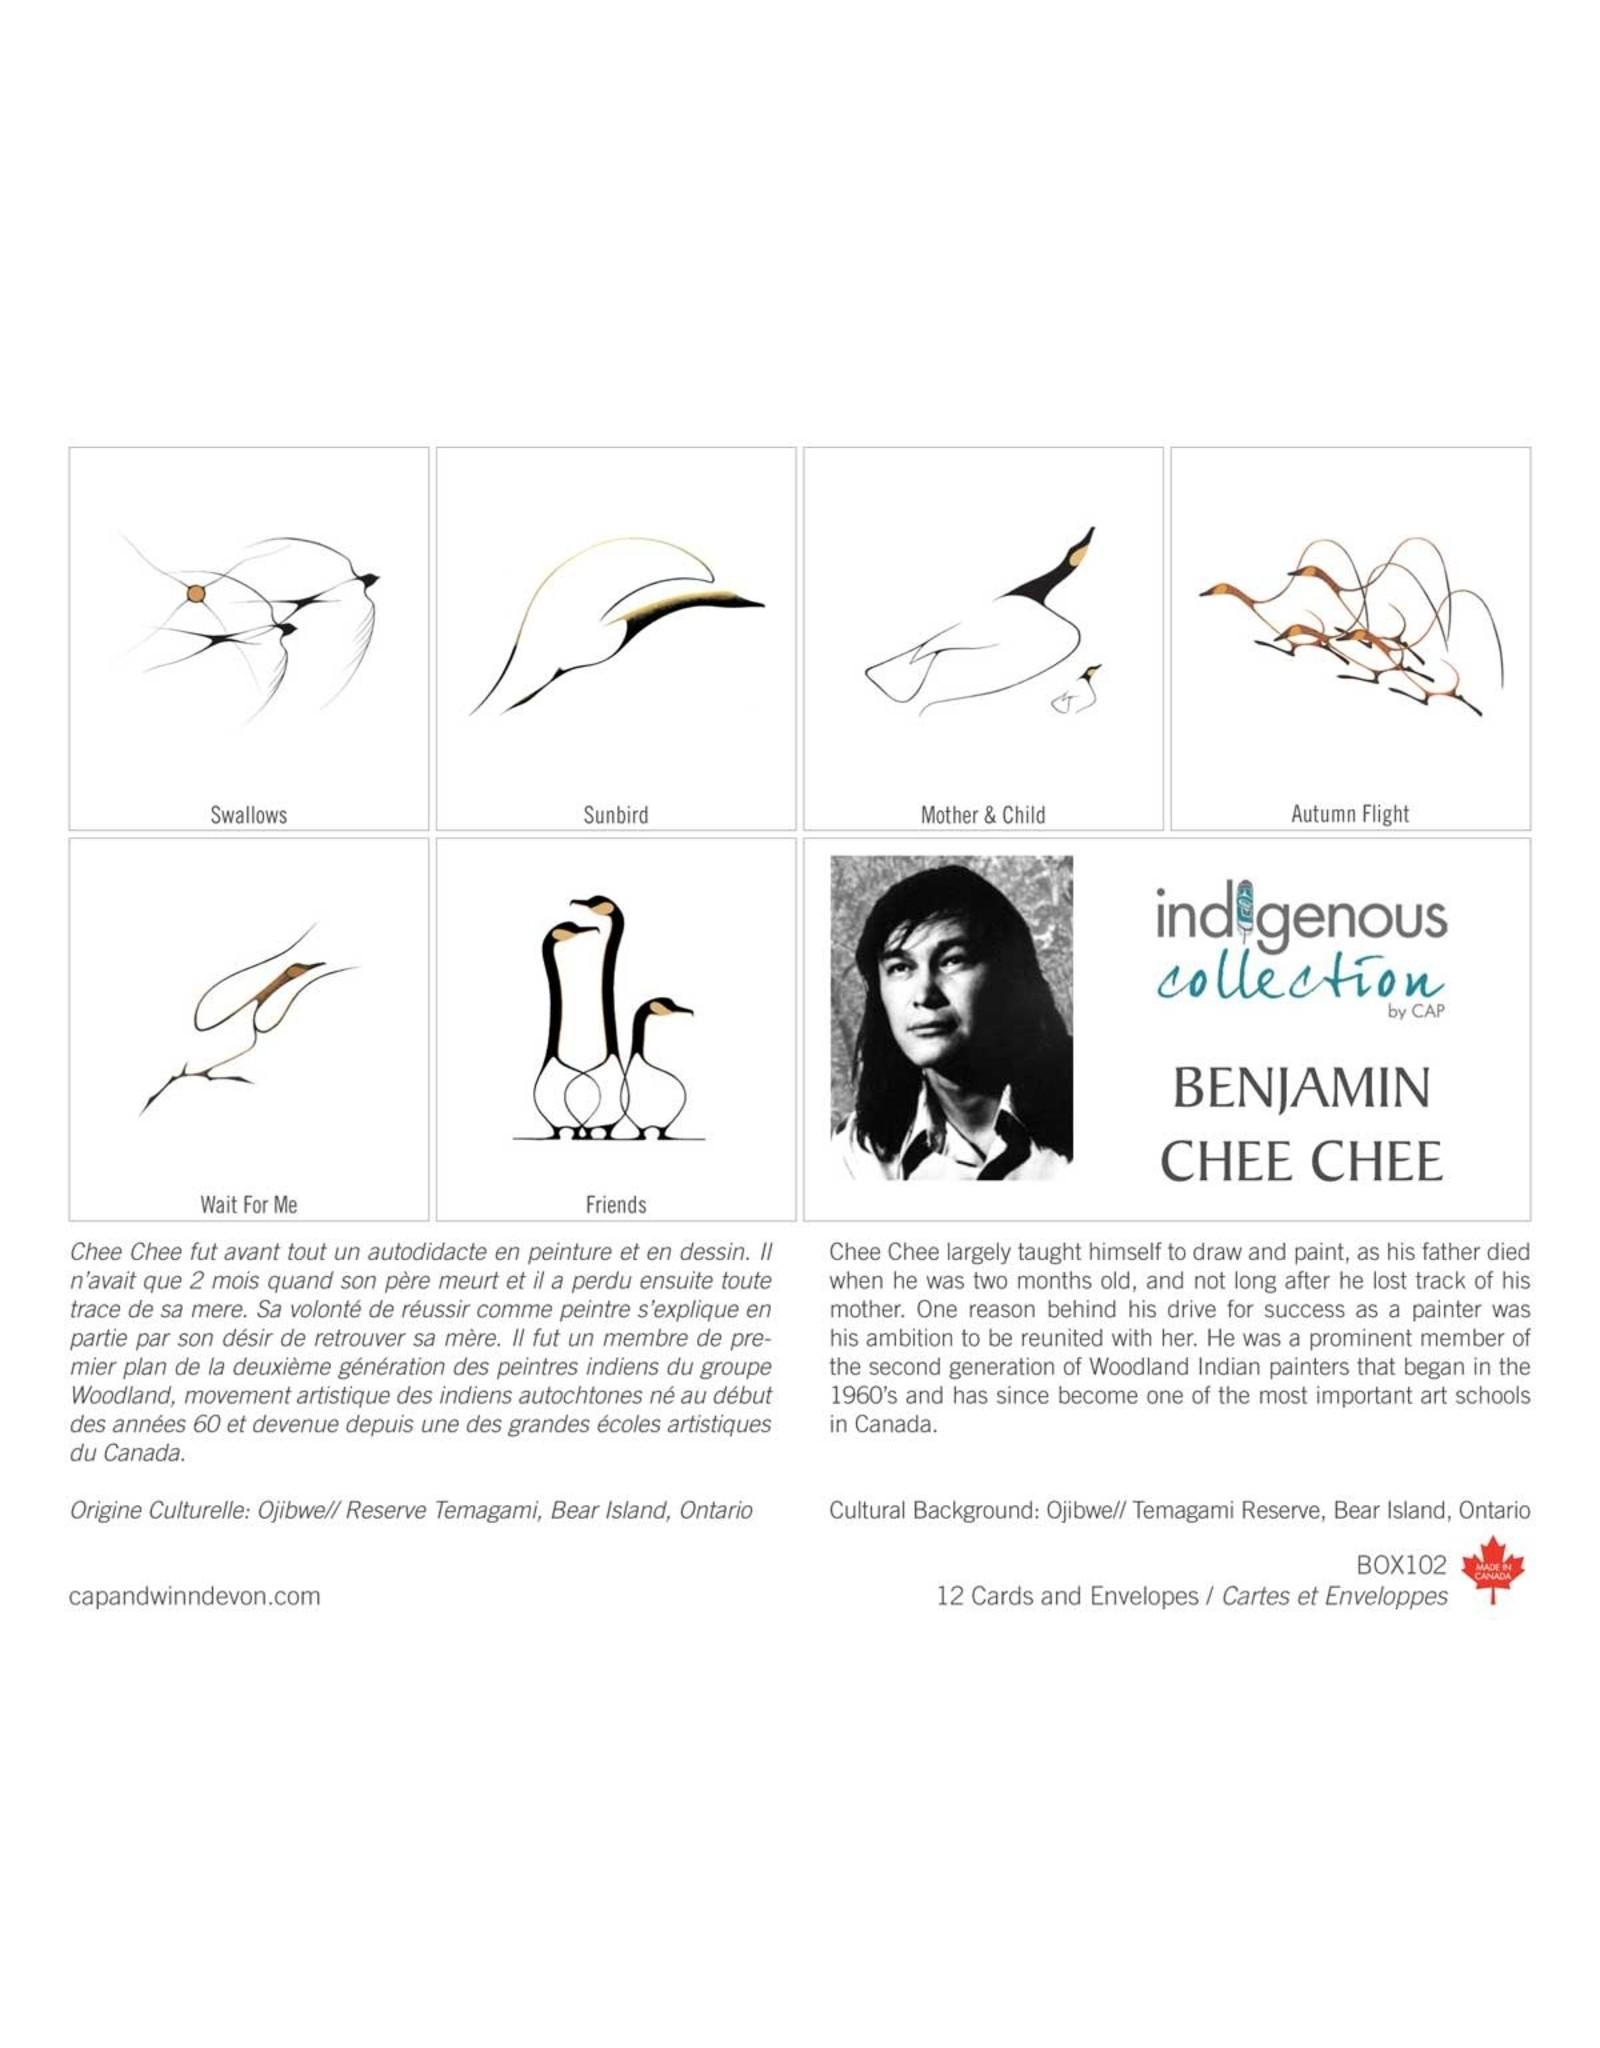 Boîte de 12 Cartes Benjamin Chee Chee - Boîte 102